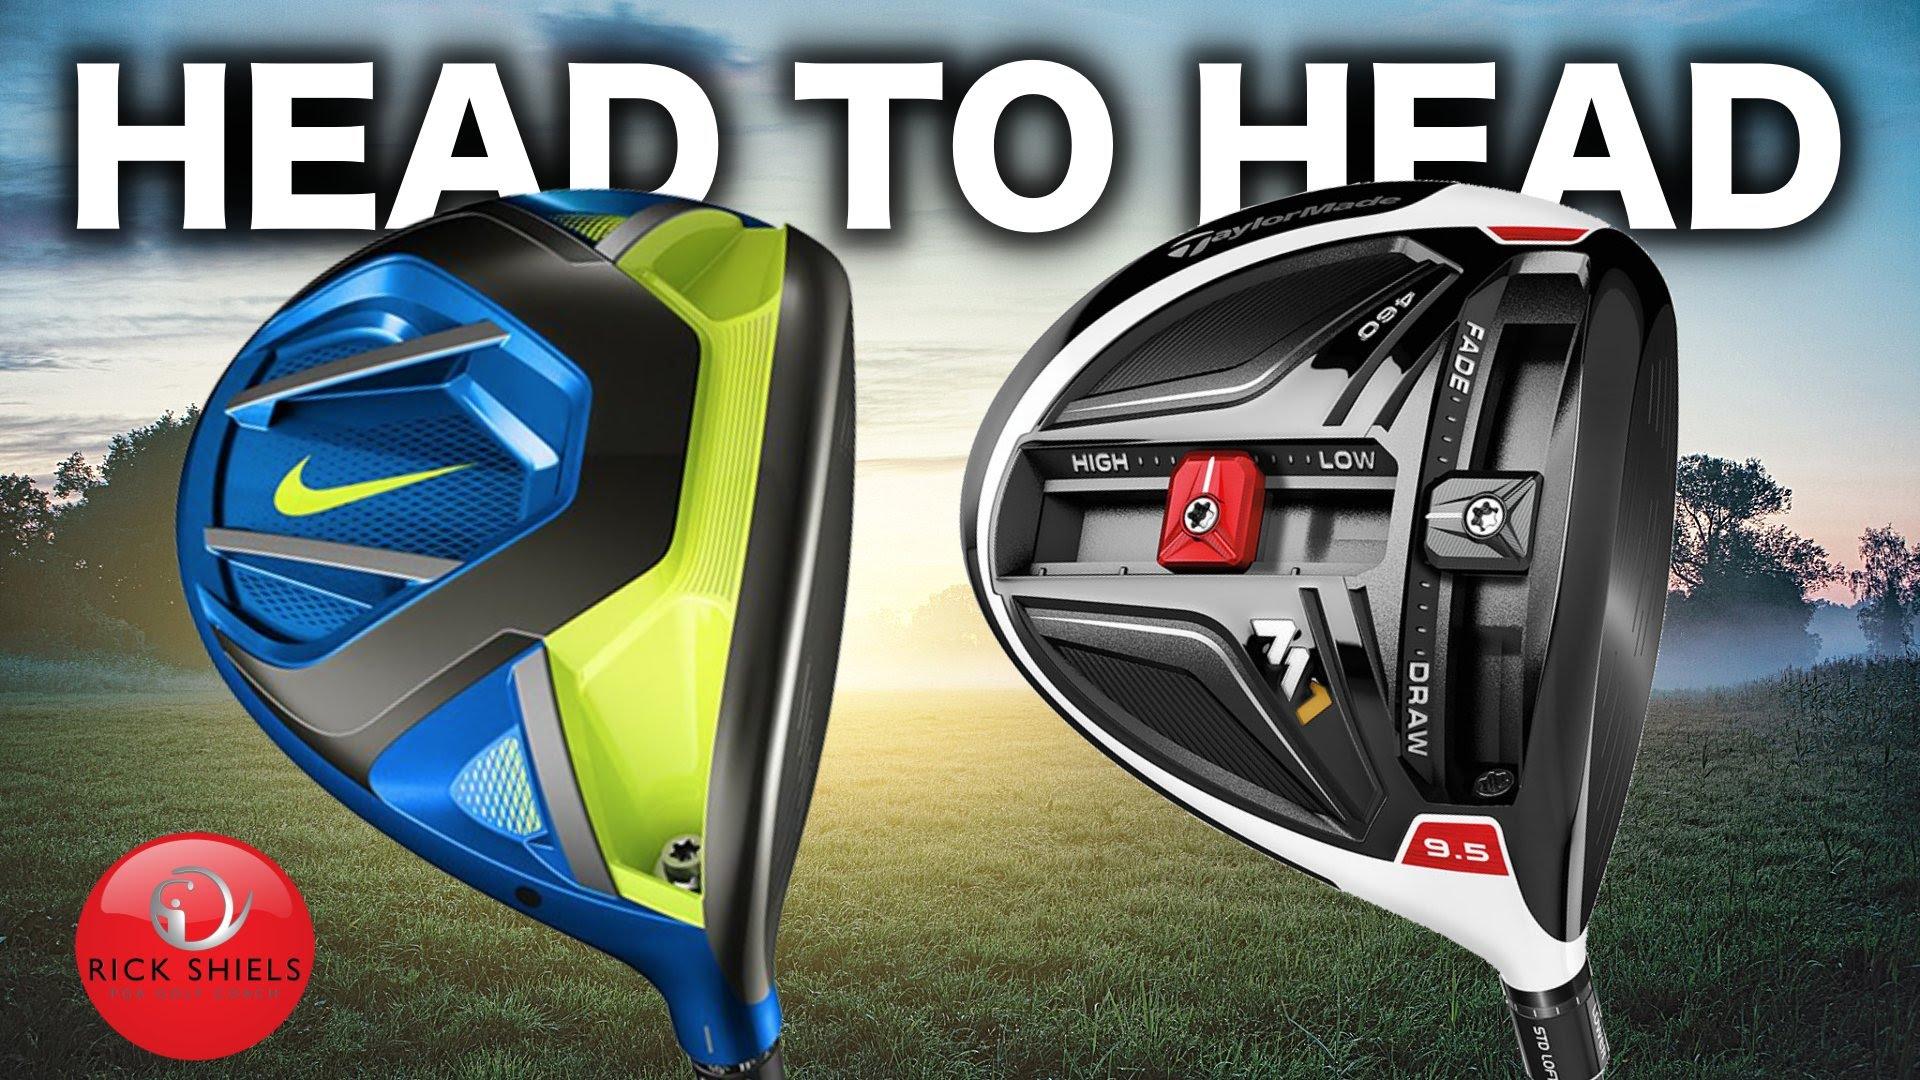 439481dd7a4dd Head-to-Head Driver Test  Nike Vapor Fly Pro v. TaylorMade M1 460 – GolfWRX